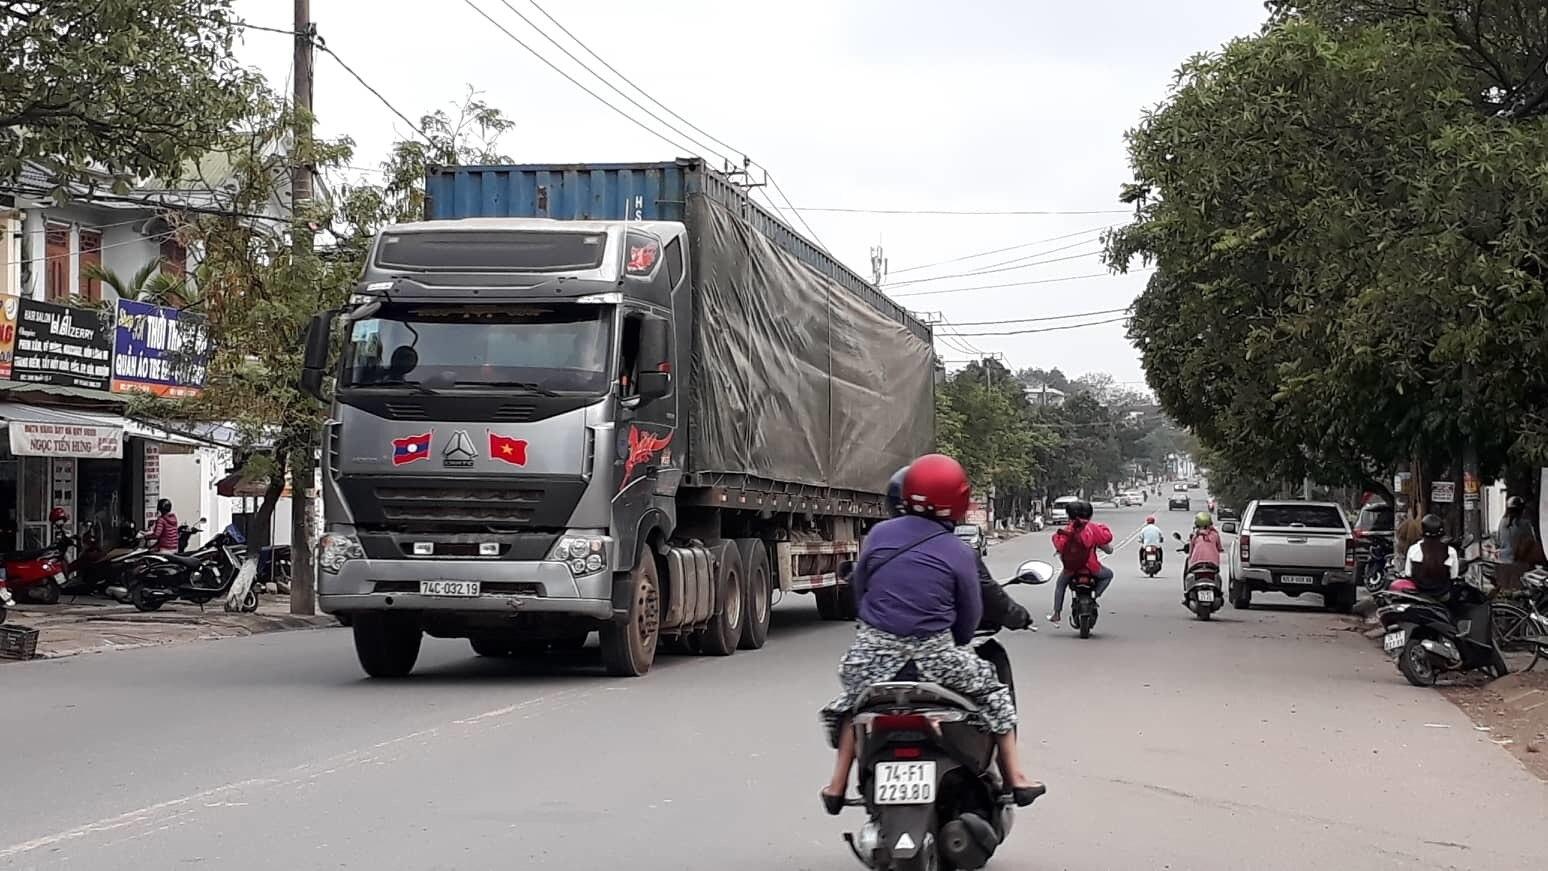 Đề xuất đầu tư gần 800 tỷ đồng xây đường tránh phía Đông TP Đông Hà, Quảng Trị - Ảnh 1.